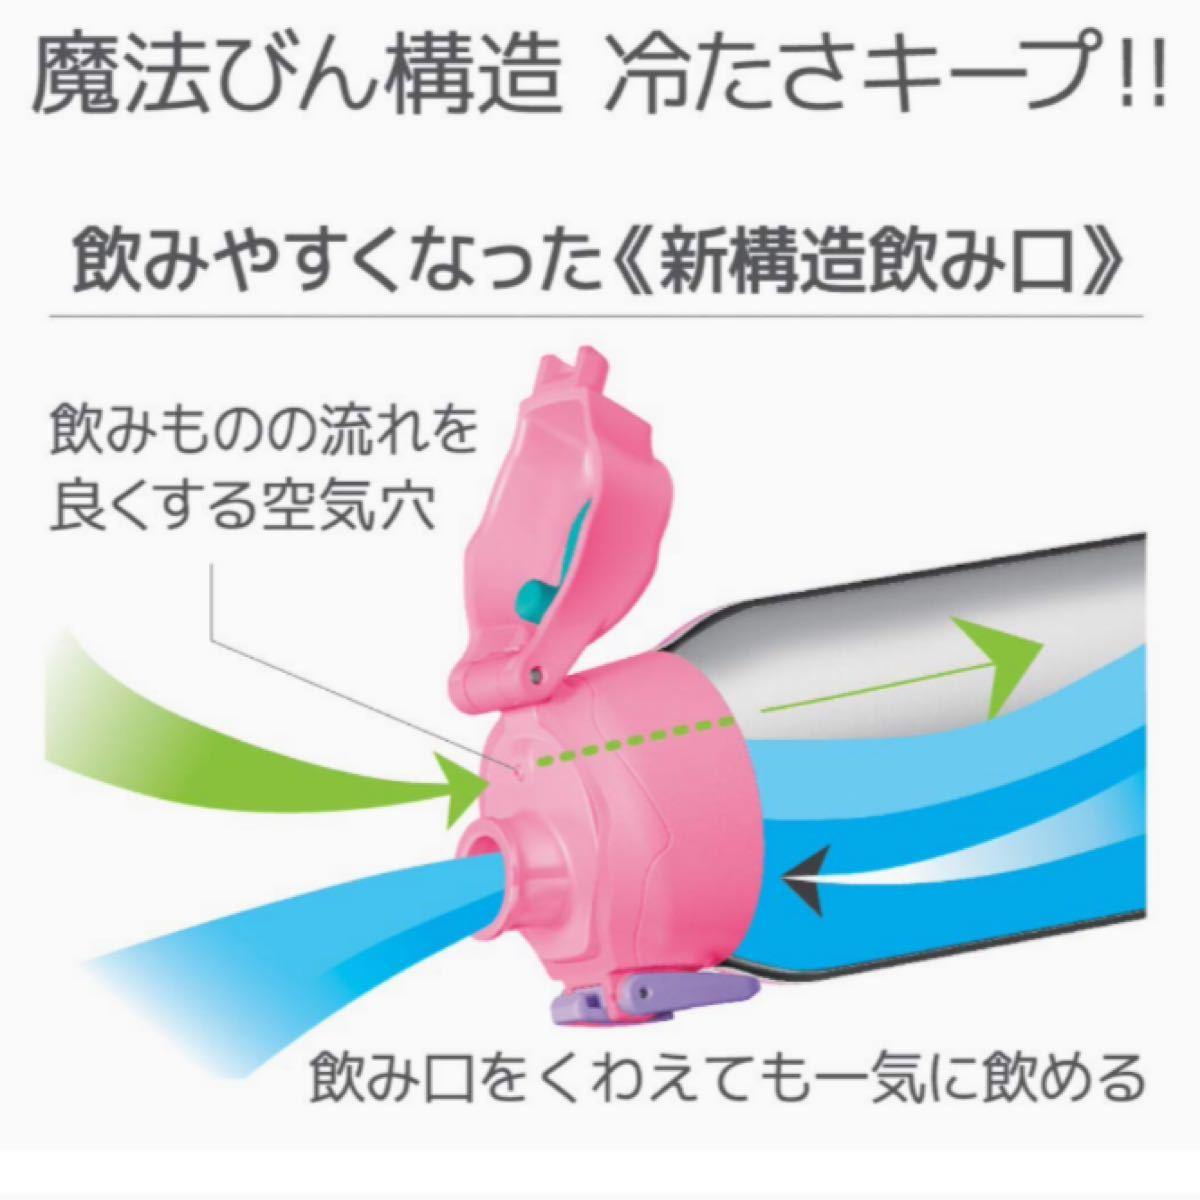 新品 サーモス 水筒 真空断熱スポーツボトル ピンクチェック 1.0L  THERMOS ステンレスボトル 女の子